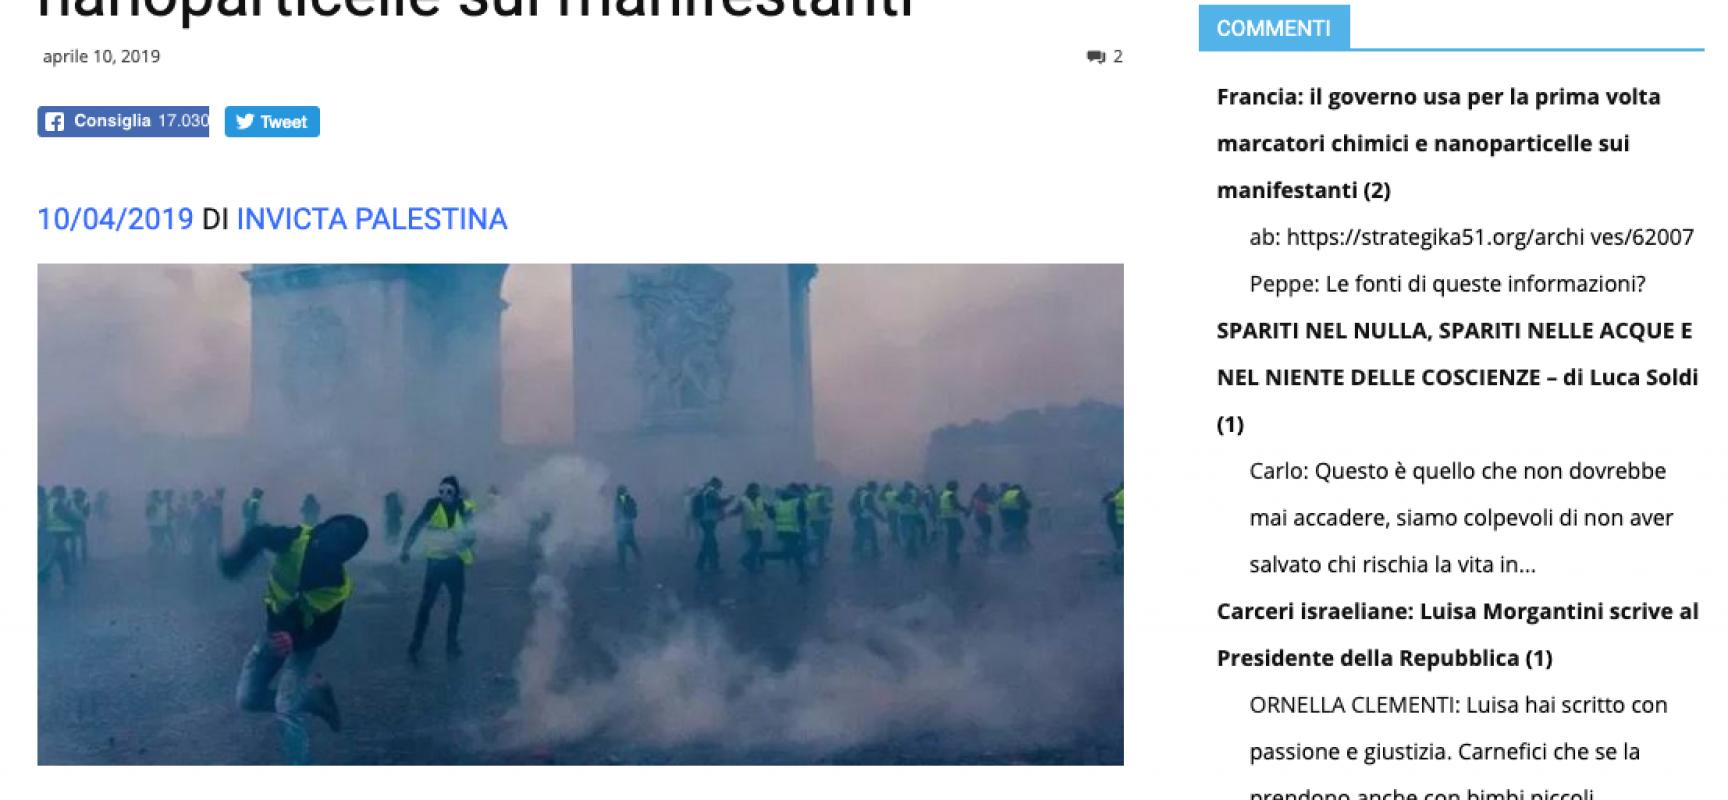 Fake : durante il Maidan sperimentarono bombe a gas contenenti LSD